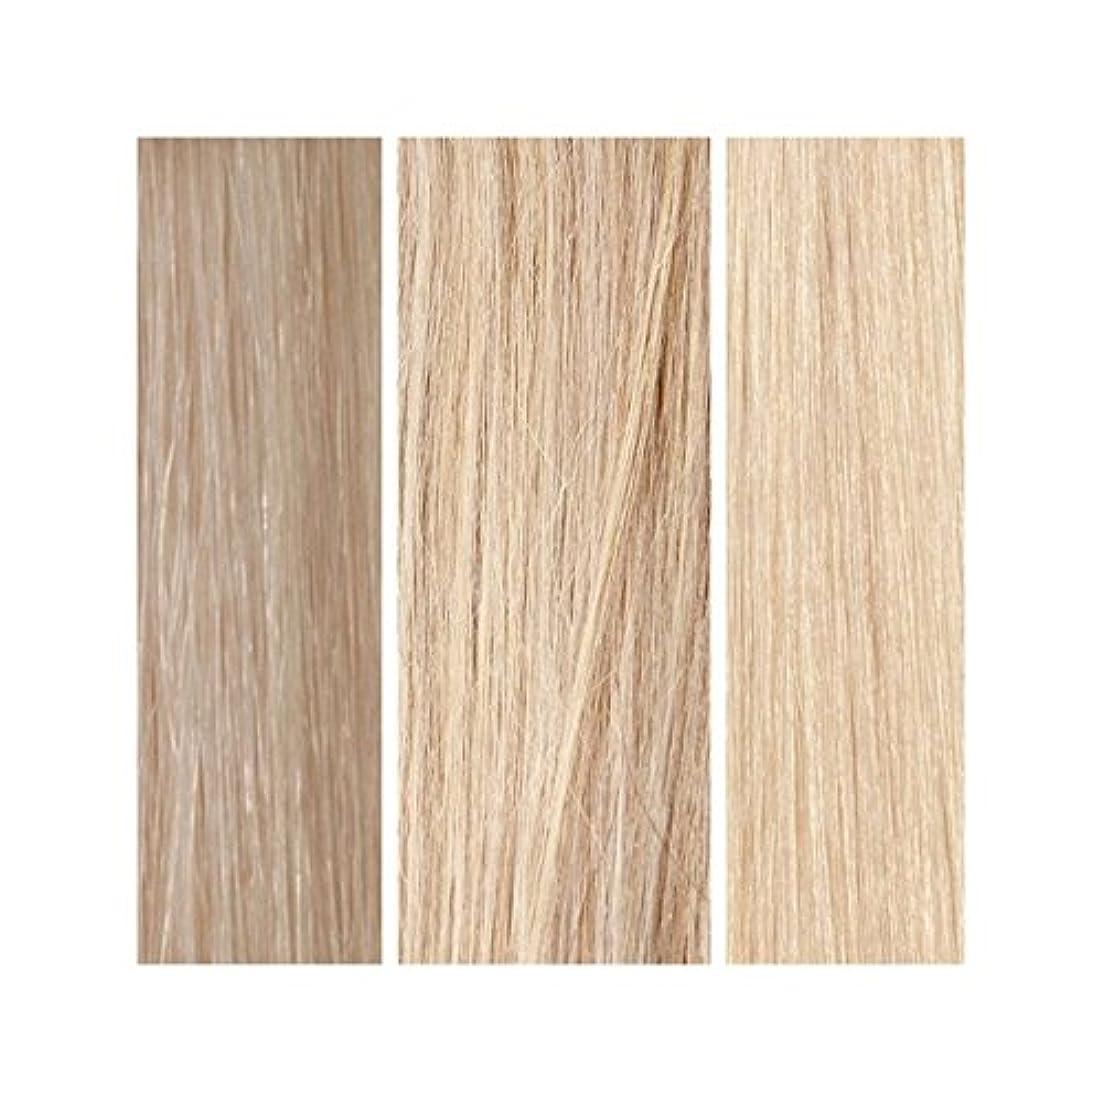 対称決定的つかまえるライトブロンドバンドル - 美しさは、100%レミーの色見本を働きます x2 - Beauty Works 100% Remy Colour Swatch - Light Blonde Bundle (Pack of 2) [並行輸入品]